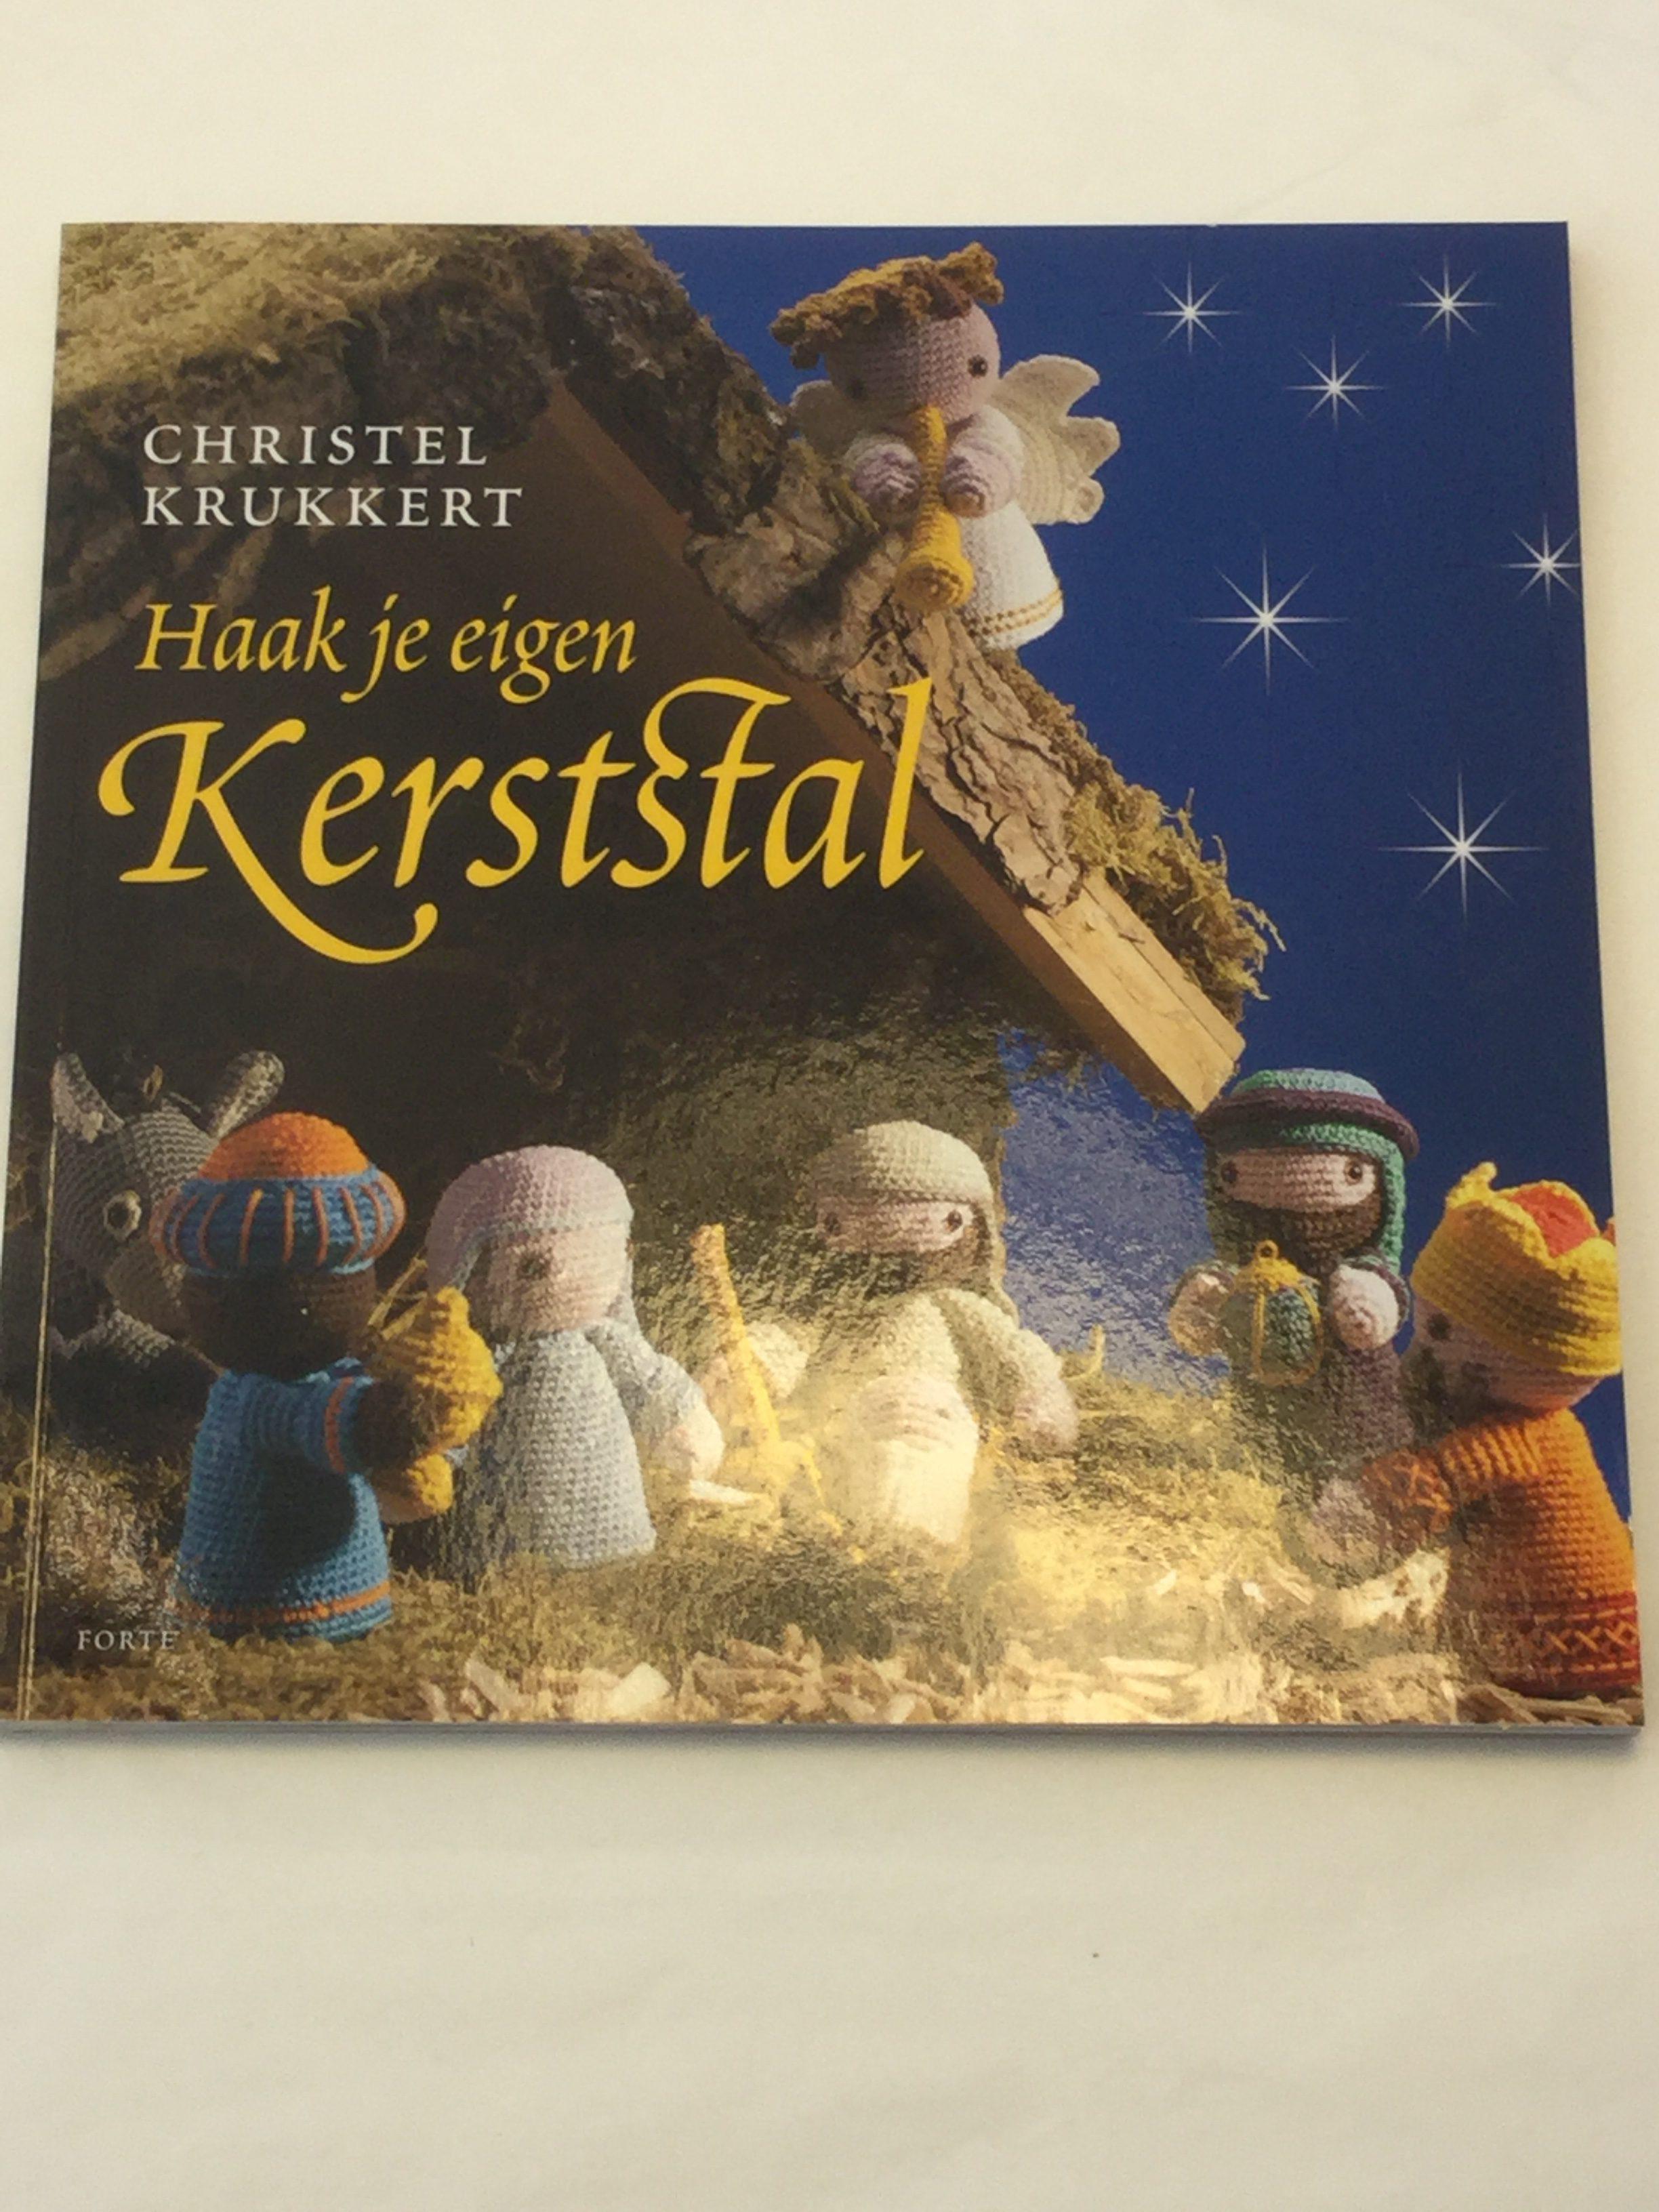 Haak Je Eigen Kerststal Christel Krukkert Atelier 9a